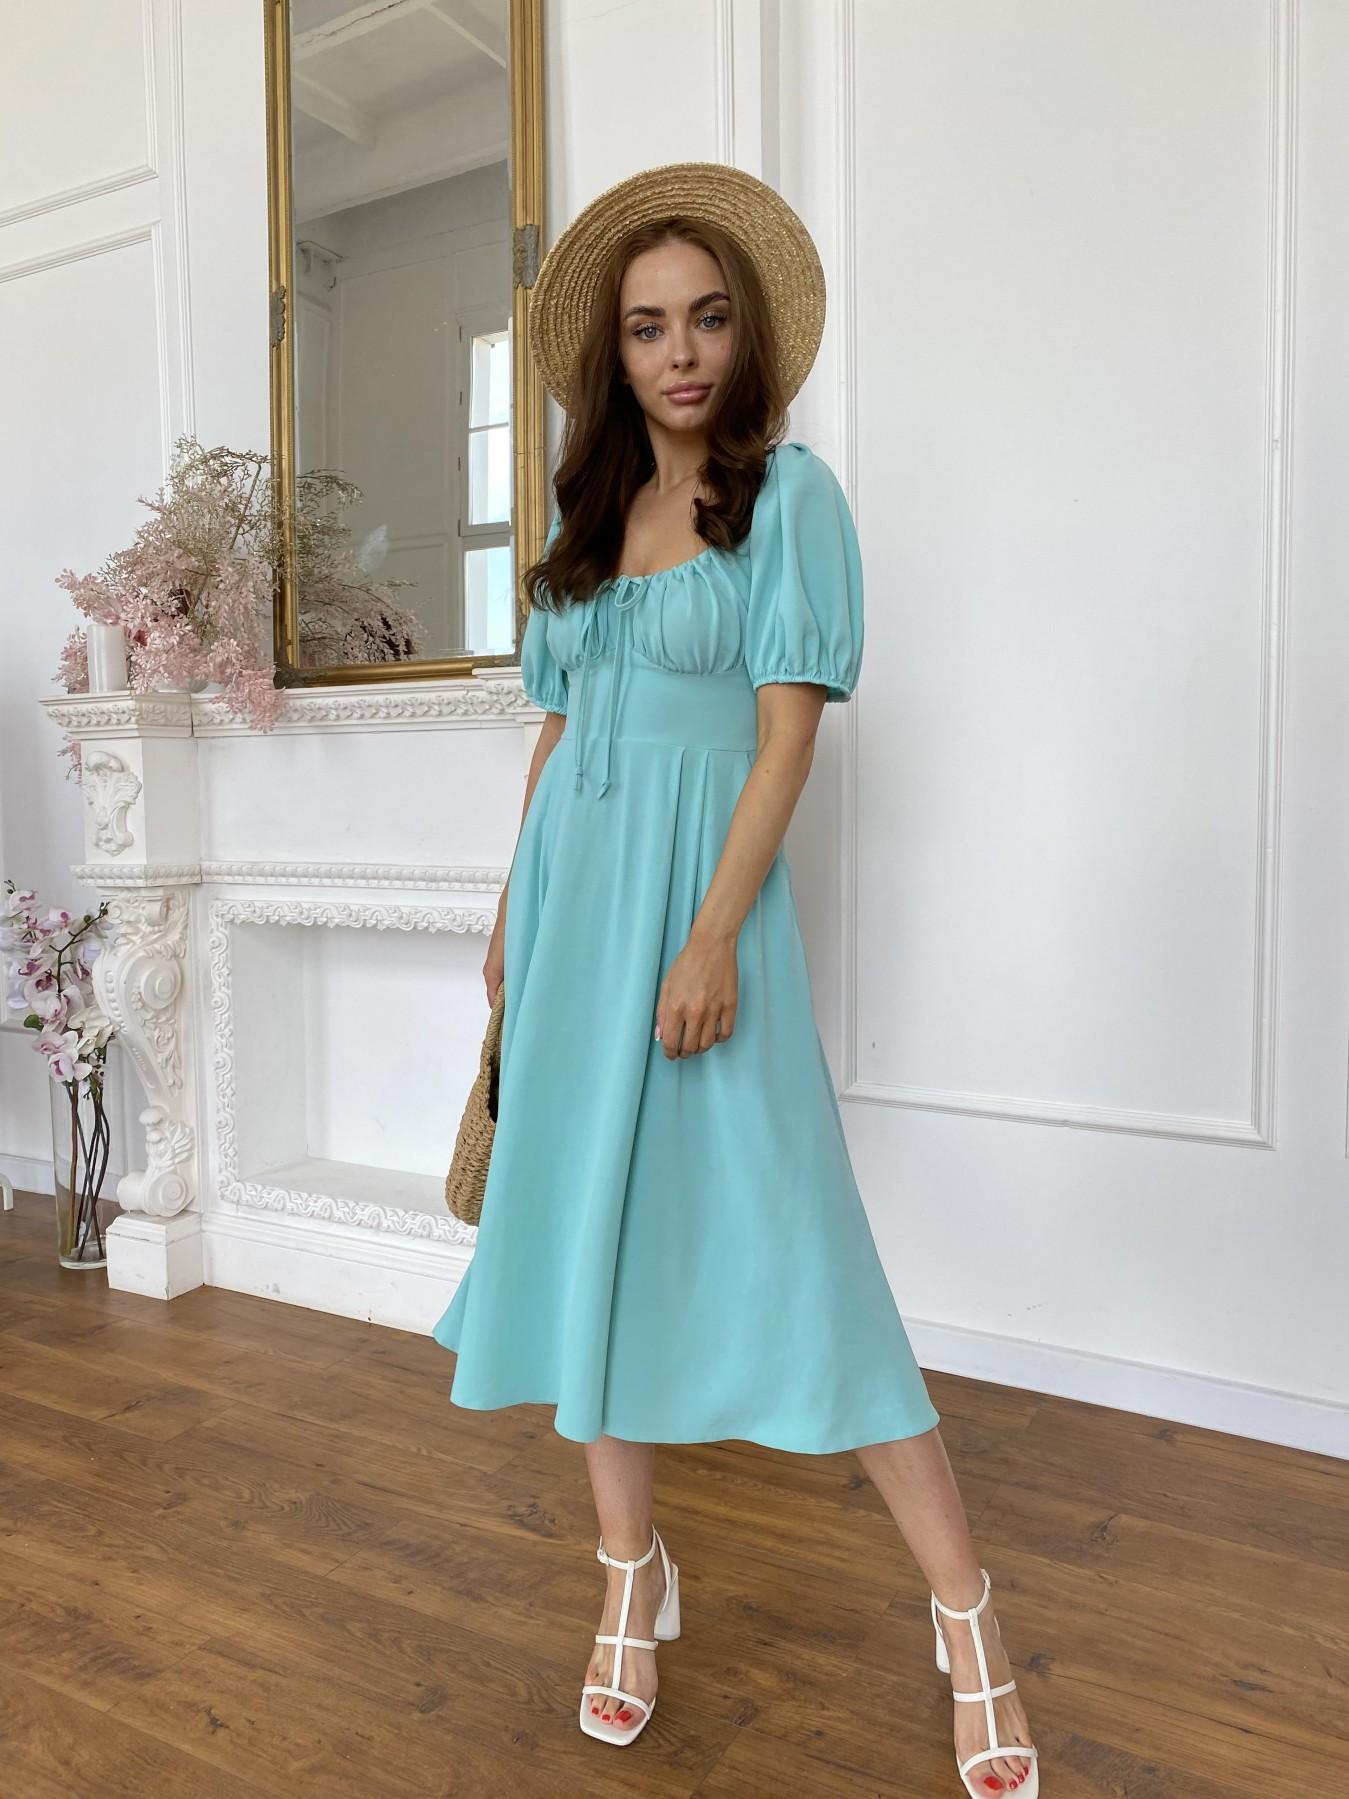 Кисес Миди платье из крепа х/б стрейч 11577 АРТ. 48254 Цвет: Мята - фото 5, интернет магазин tm-modus.ru